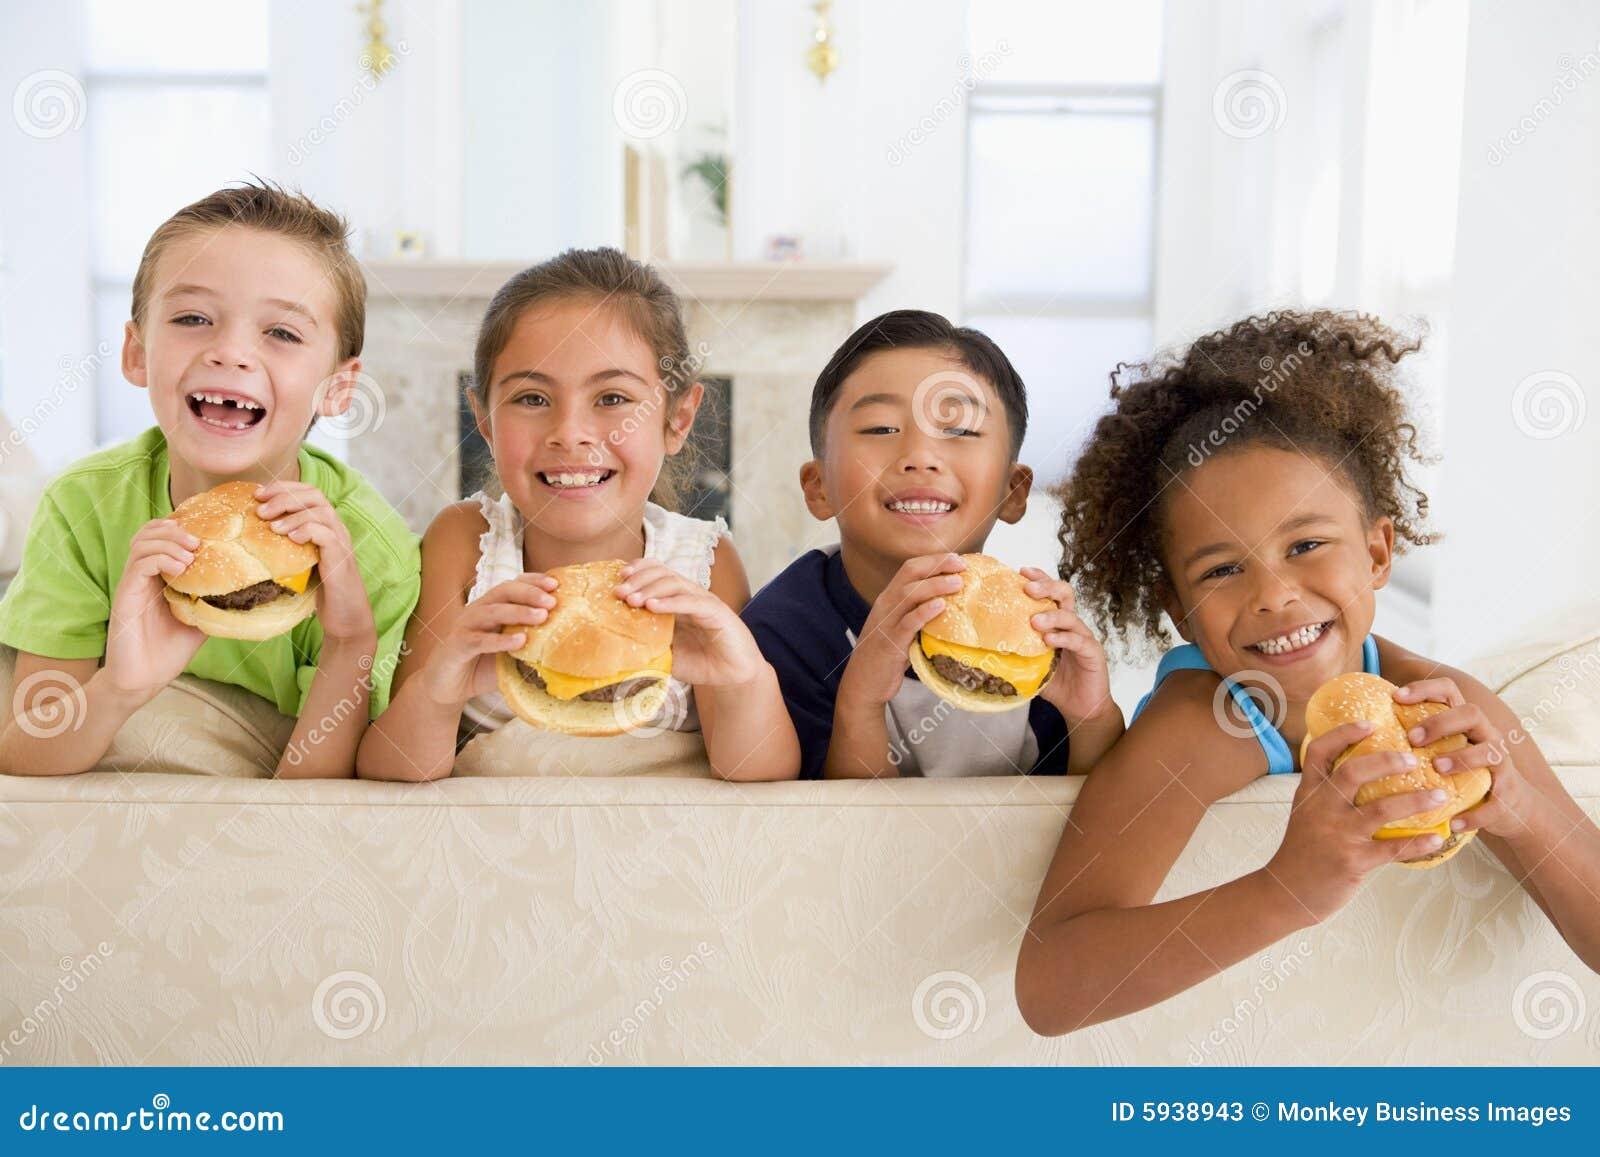 Quatre enfants en bas âge mangeant des cheeseburgers